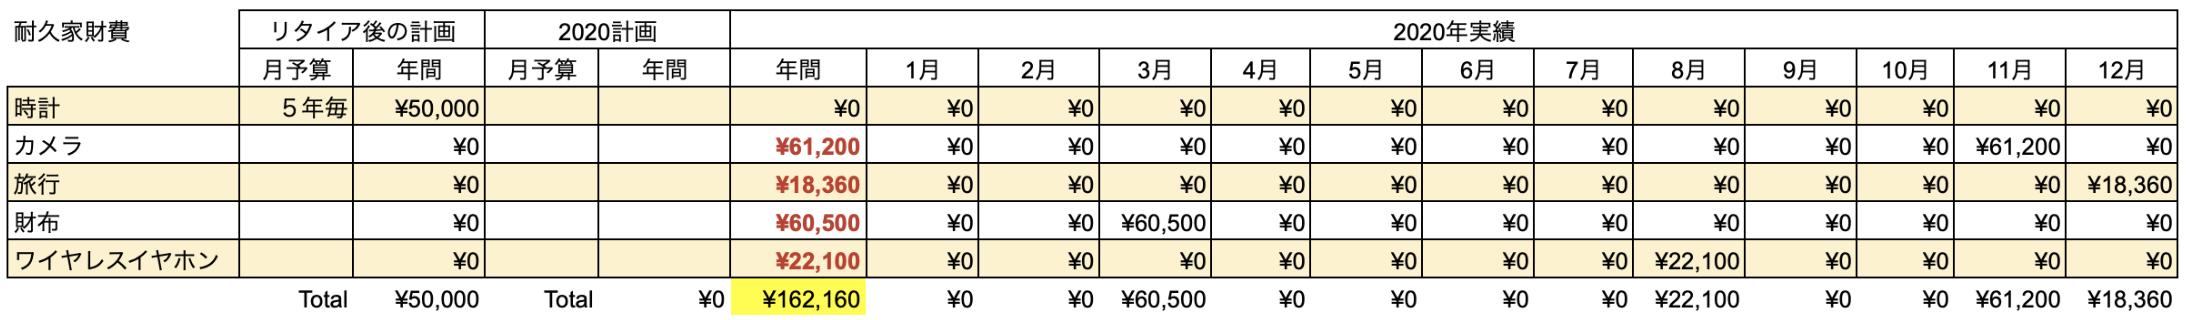 支出実績2020_12月_耐久家財費